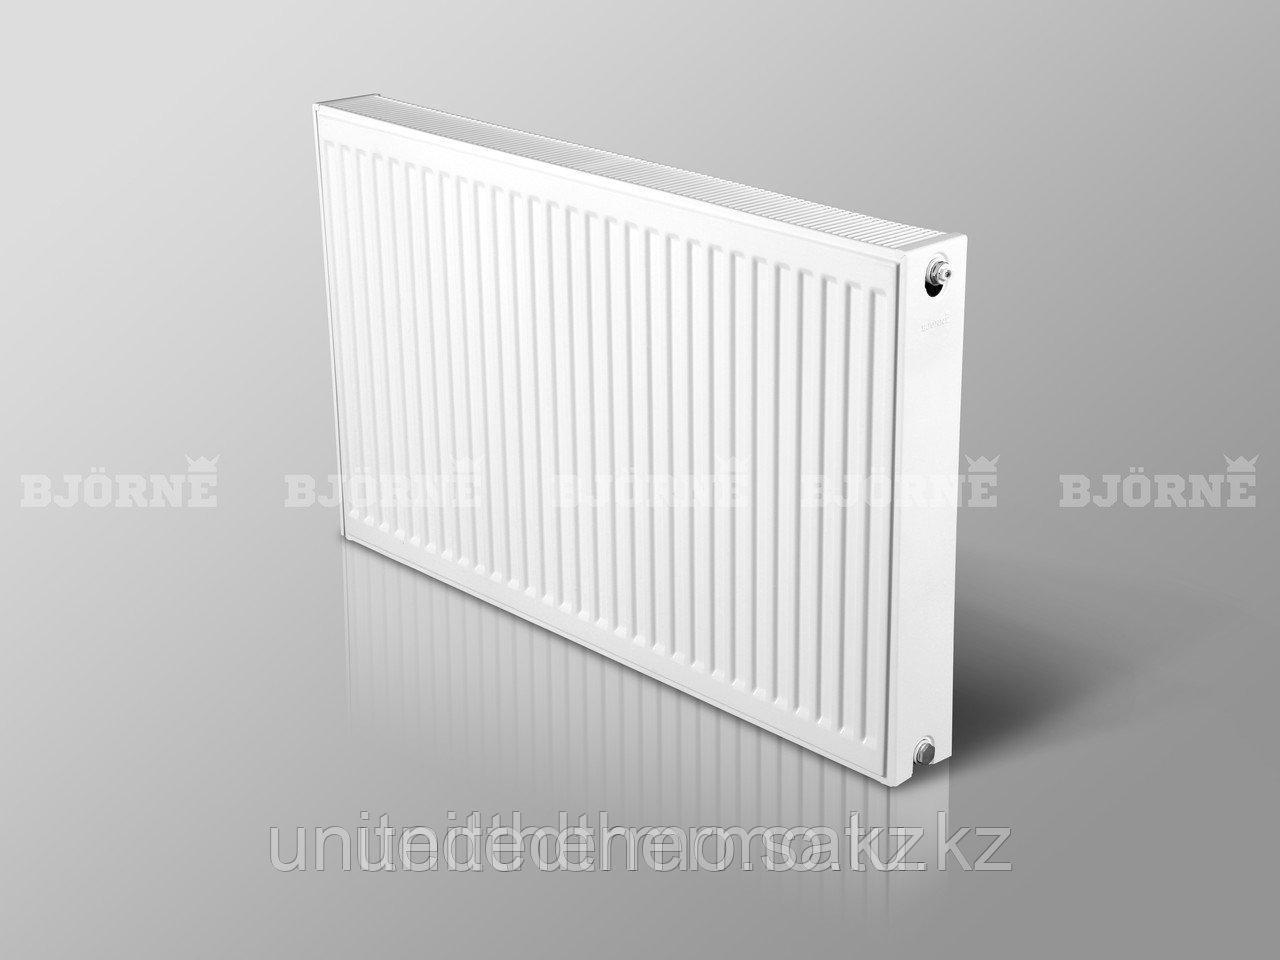 Стальной панельный радиатор Bjorne тип 22K H500мм*L1200мм боковое подключение